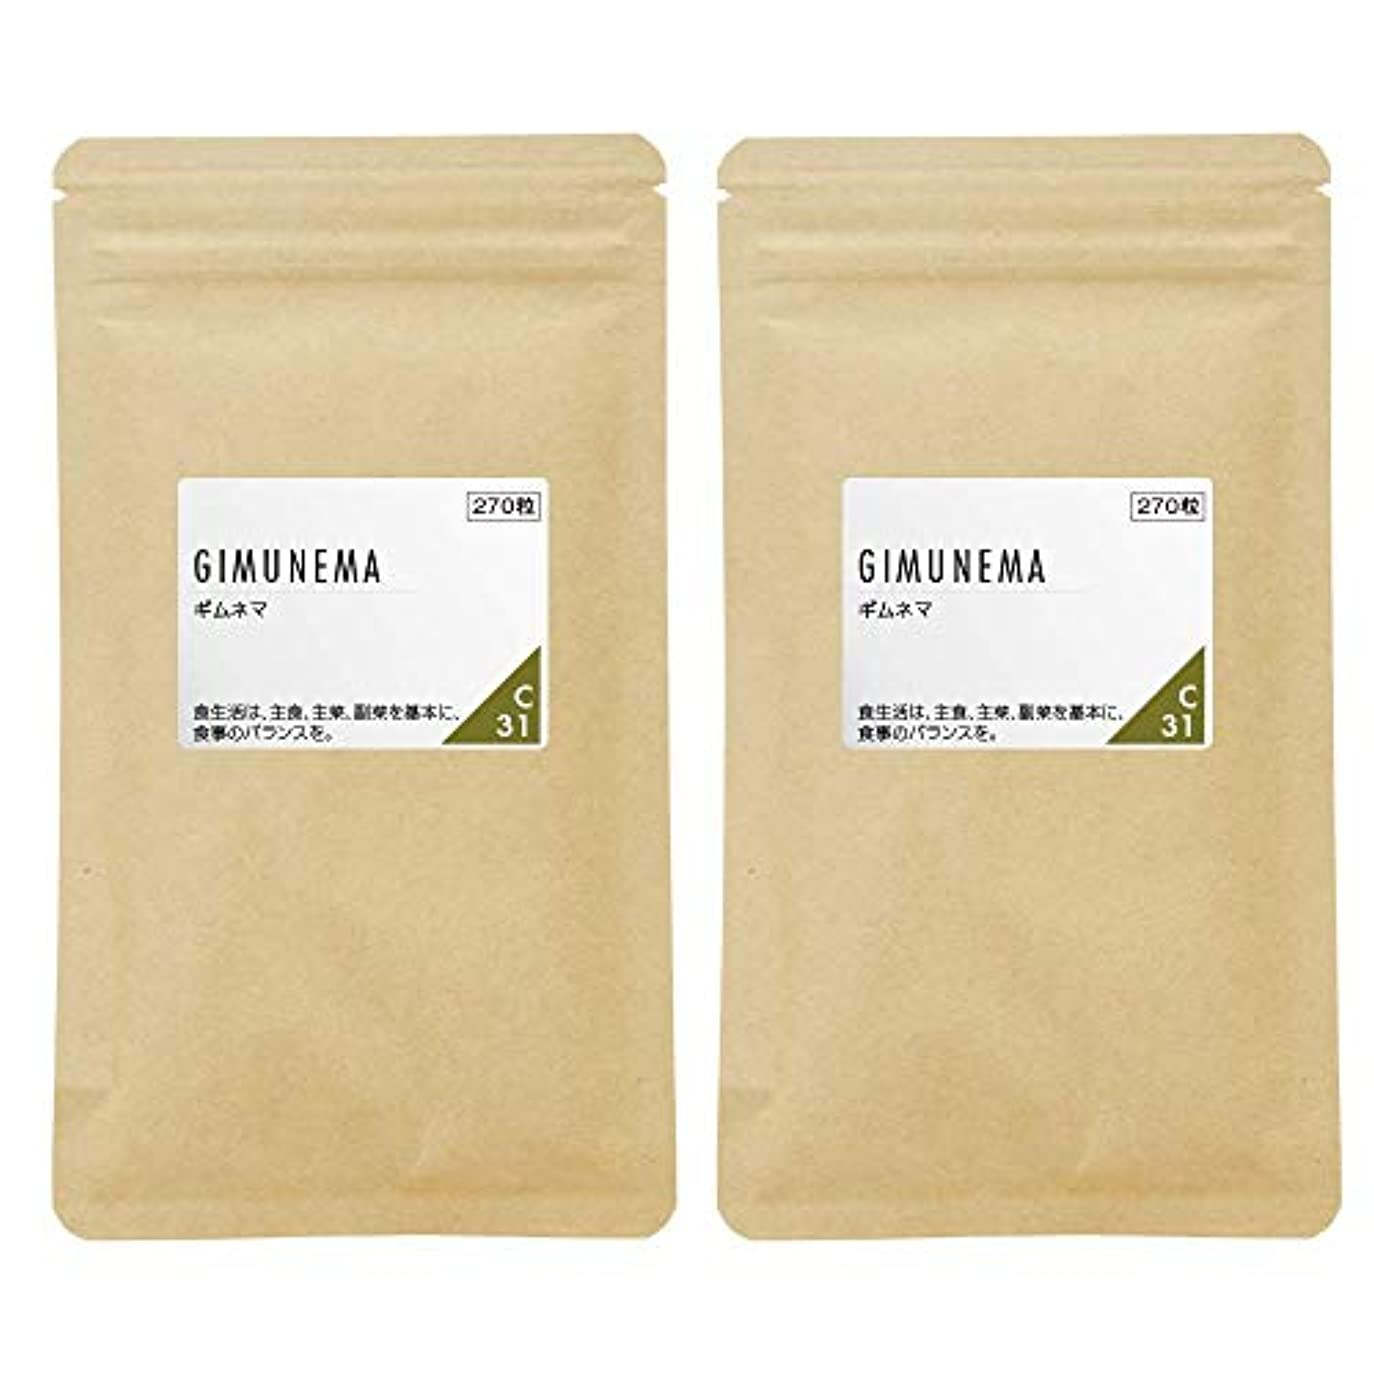 精巧な日曜日カテゴリーnichie ギムネマ サプリメント 約6ヶ月分(270粒×2袋)